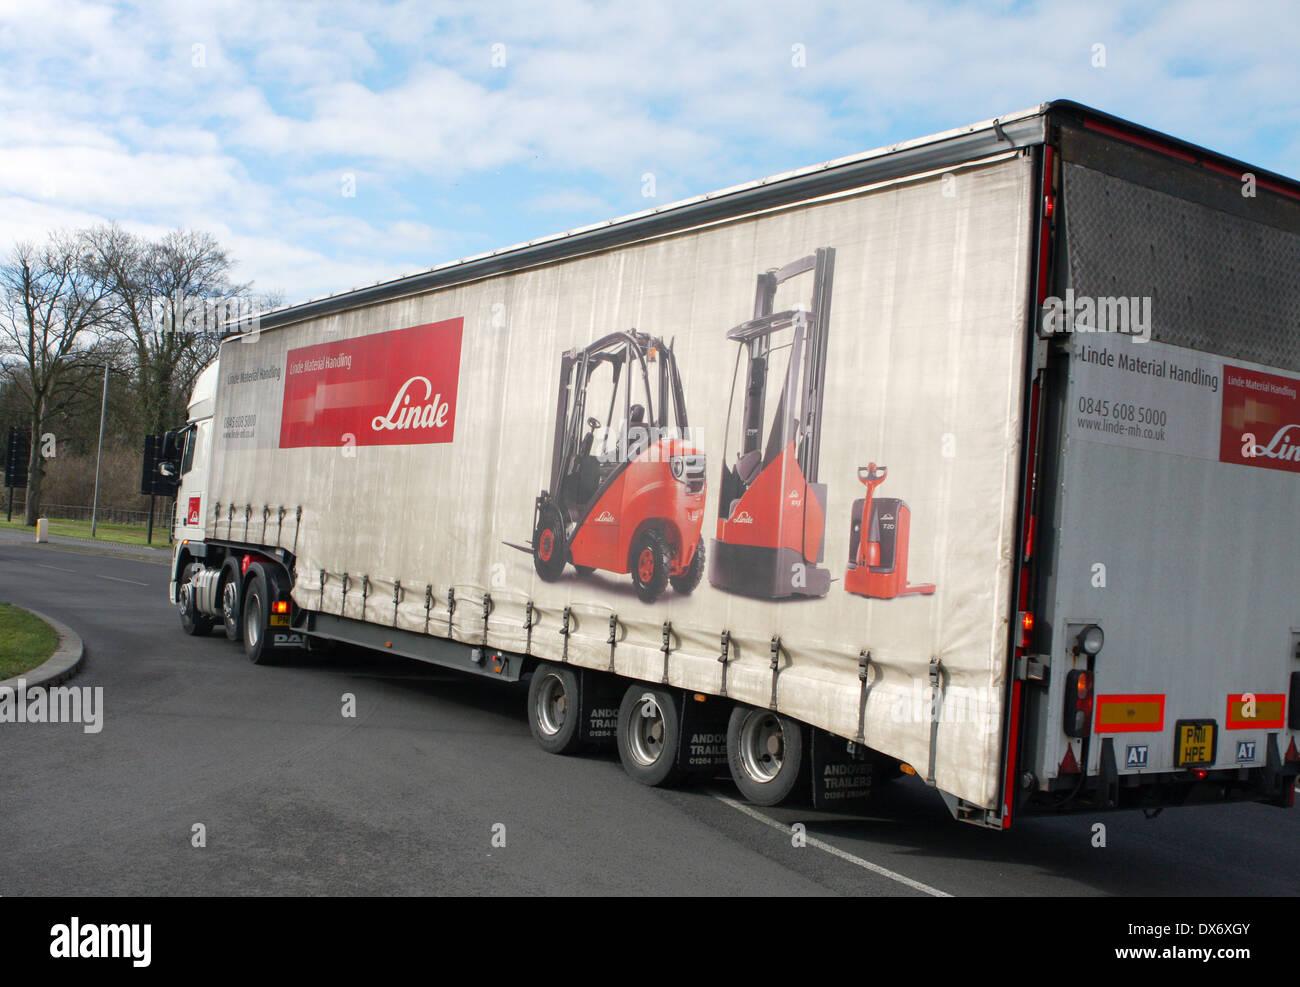 material handling stock photos  u0026 material handling stock